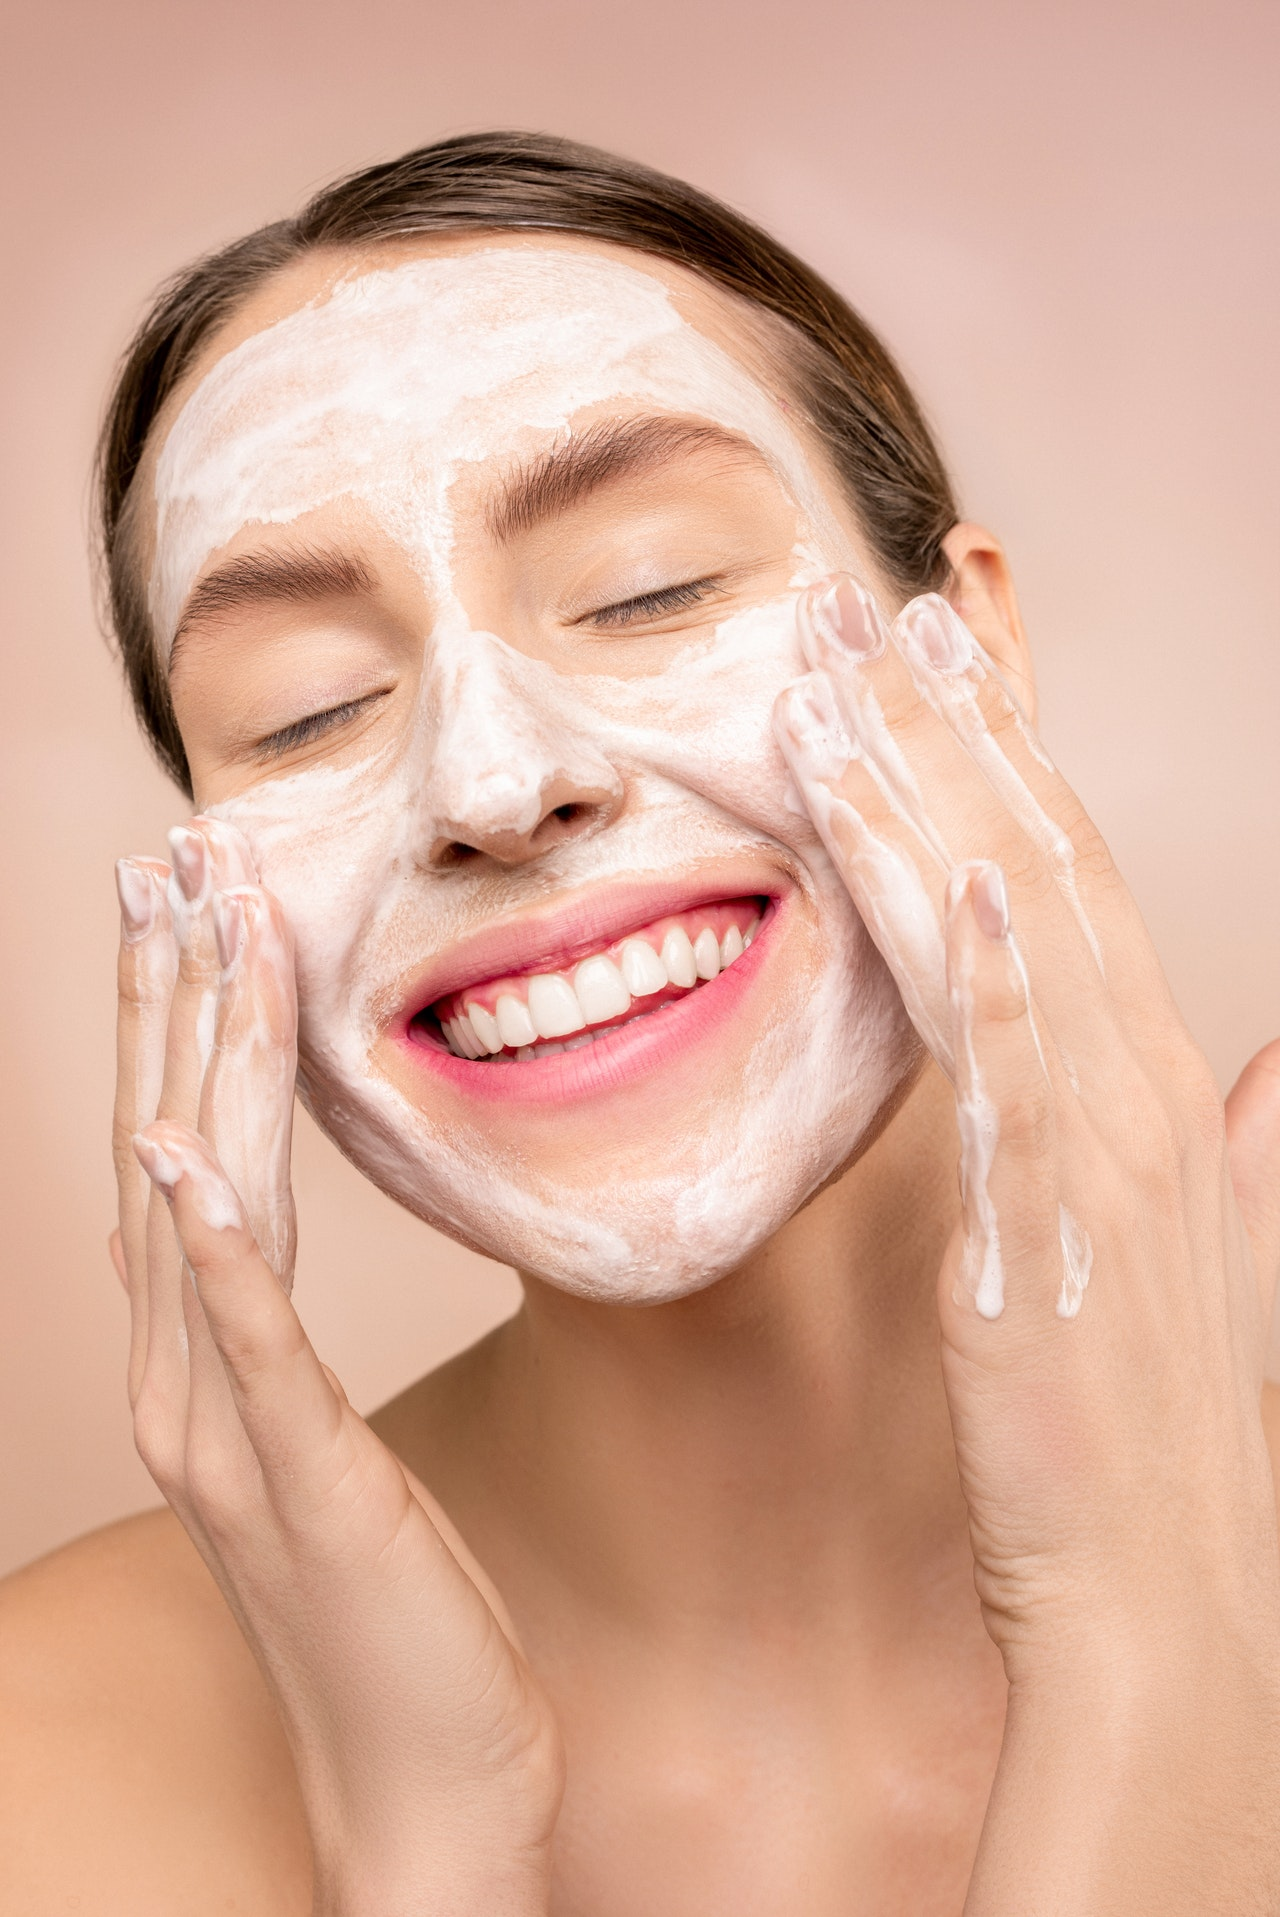 Догляд за шкірою обличчя влітку: 5 золотих правил